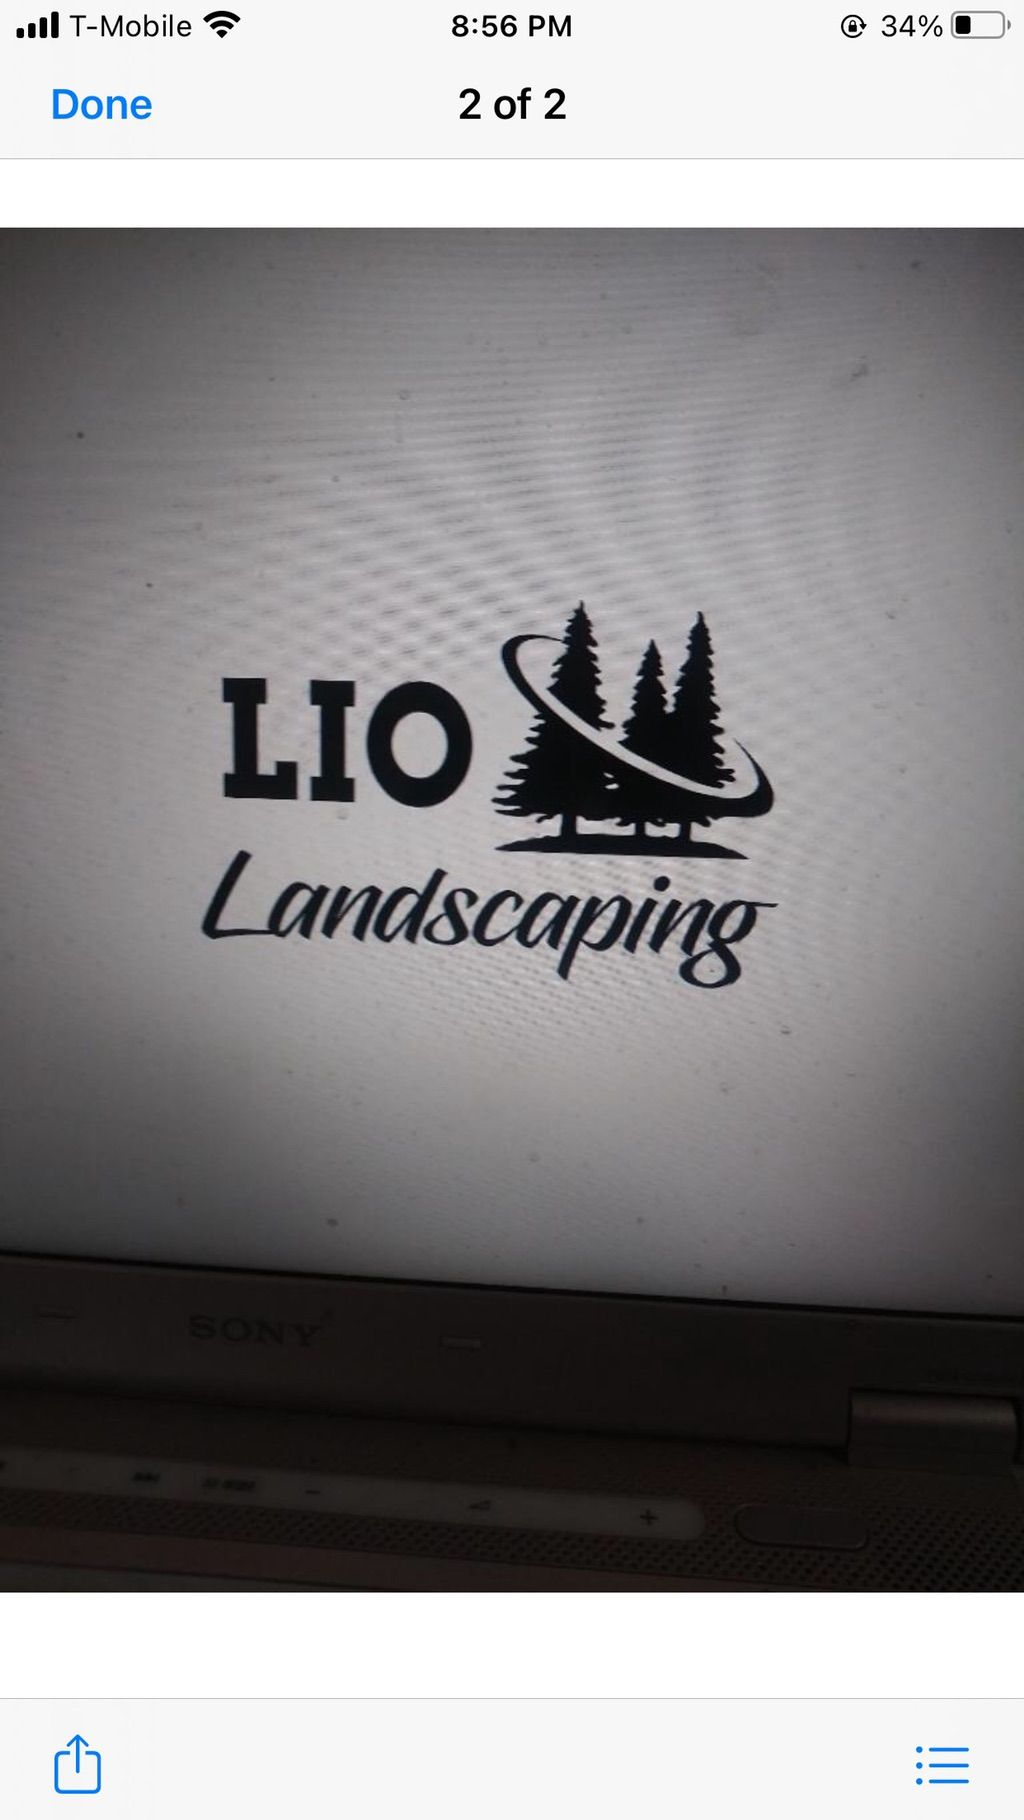 Lio Landscaping